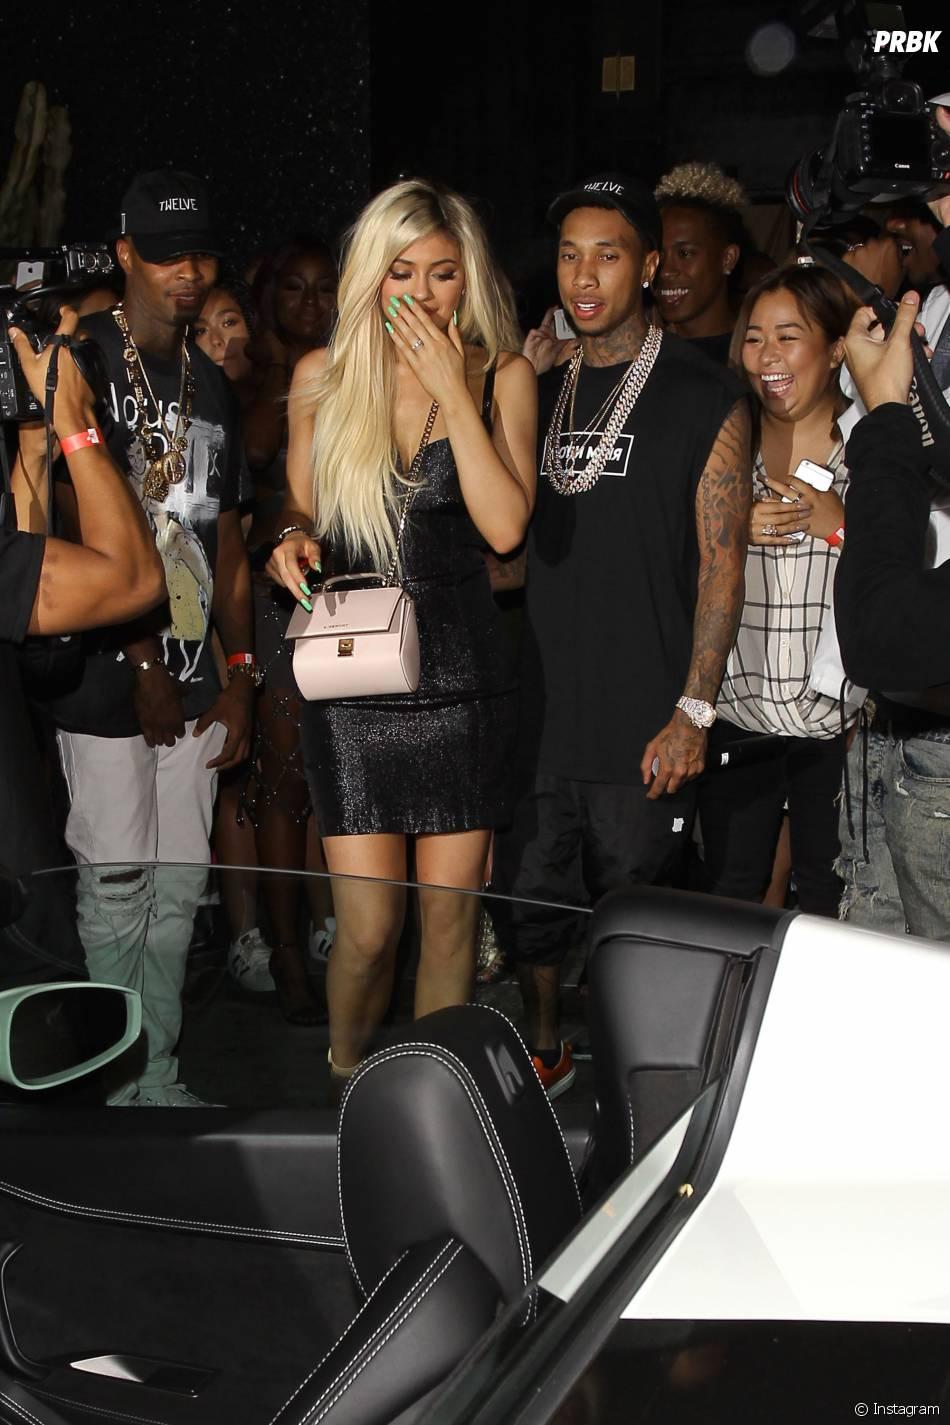 Kylie Jenner : 9 millions d'euros pour une sextape avec Tyga